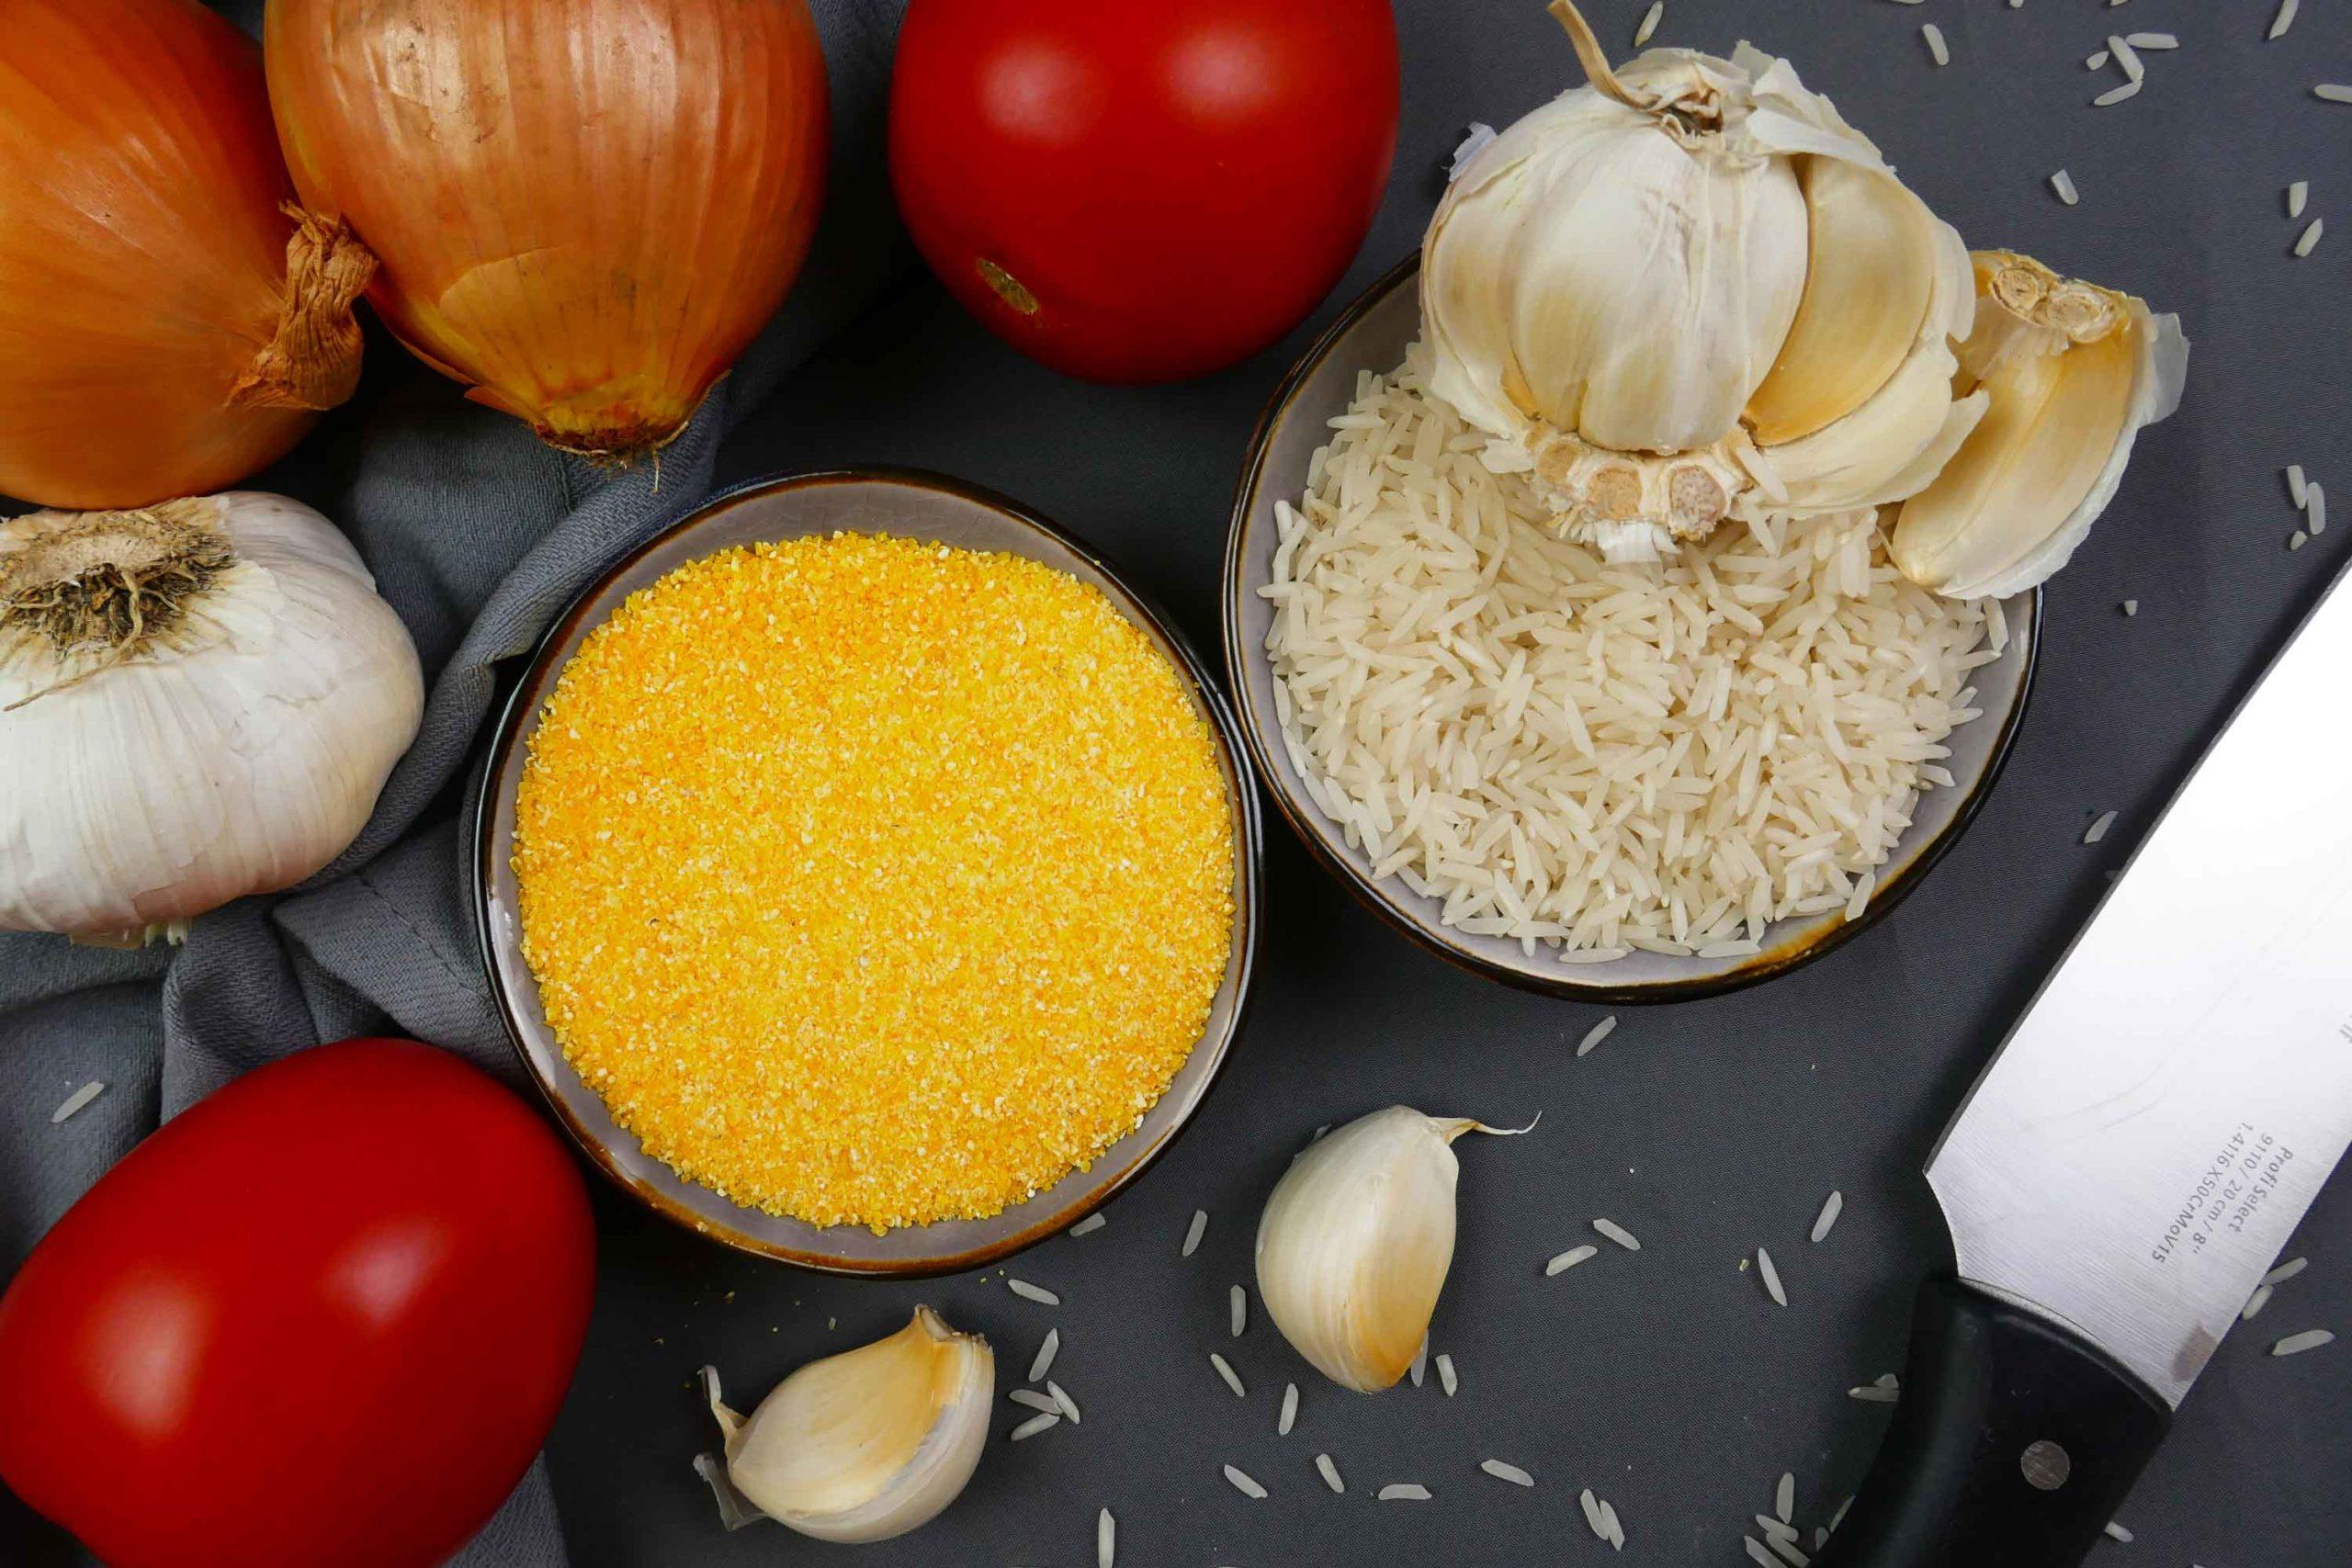 Zutaten Polentaschnitte, Tomaten, Knoblauch, Reis, Maisgrieß, Polenta, Zwiebeln, Knoblauch, Messer